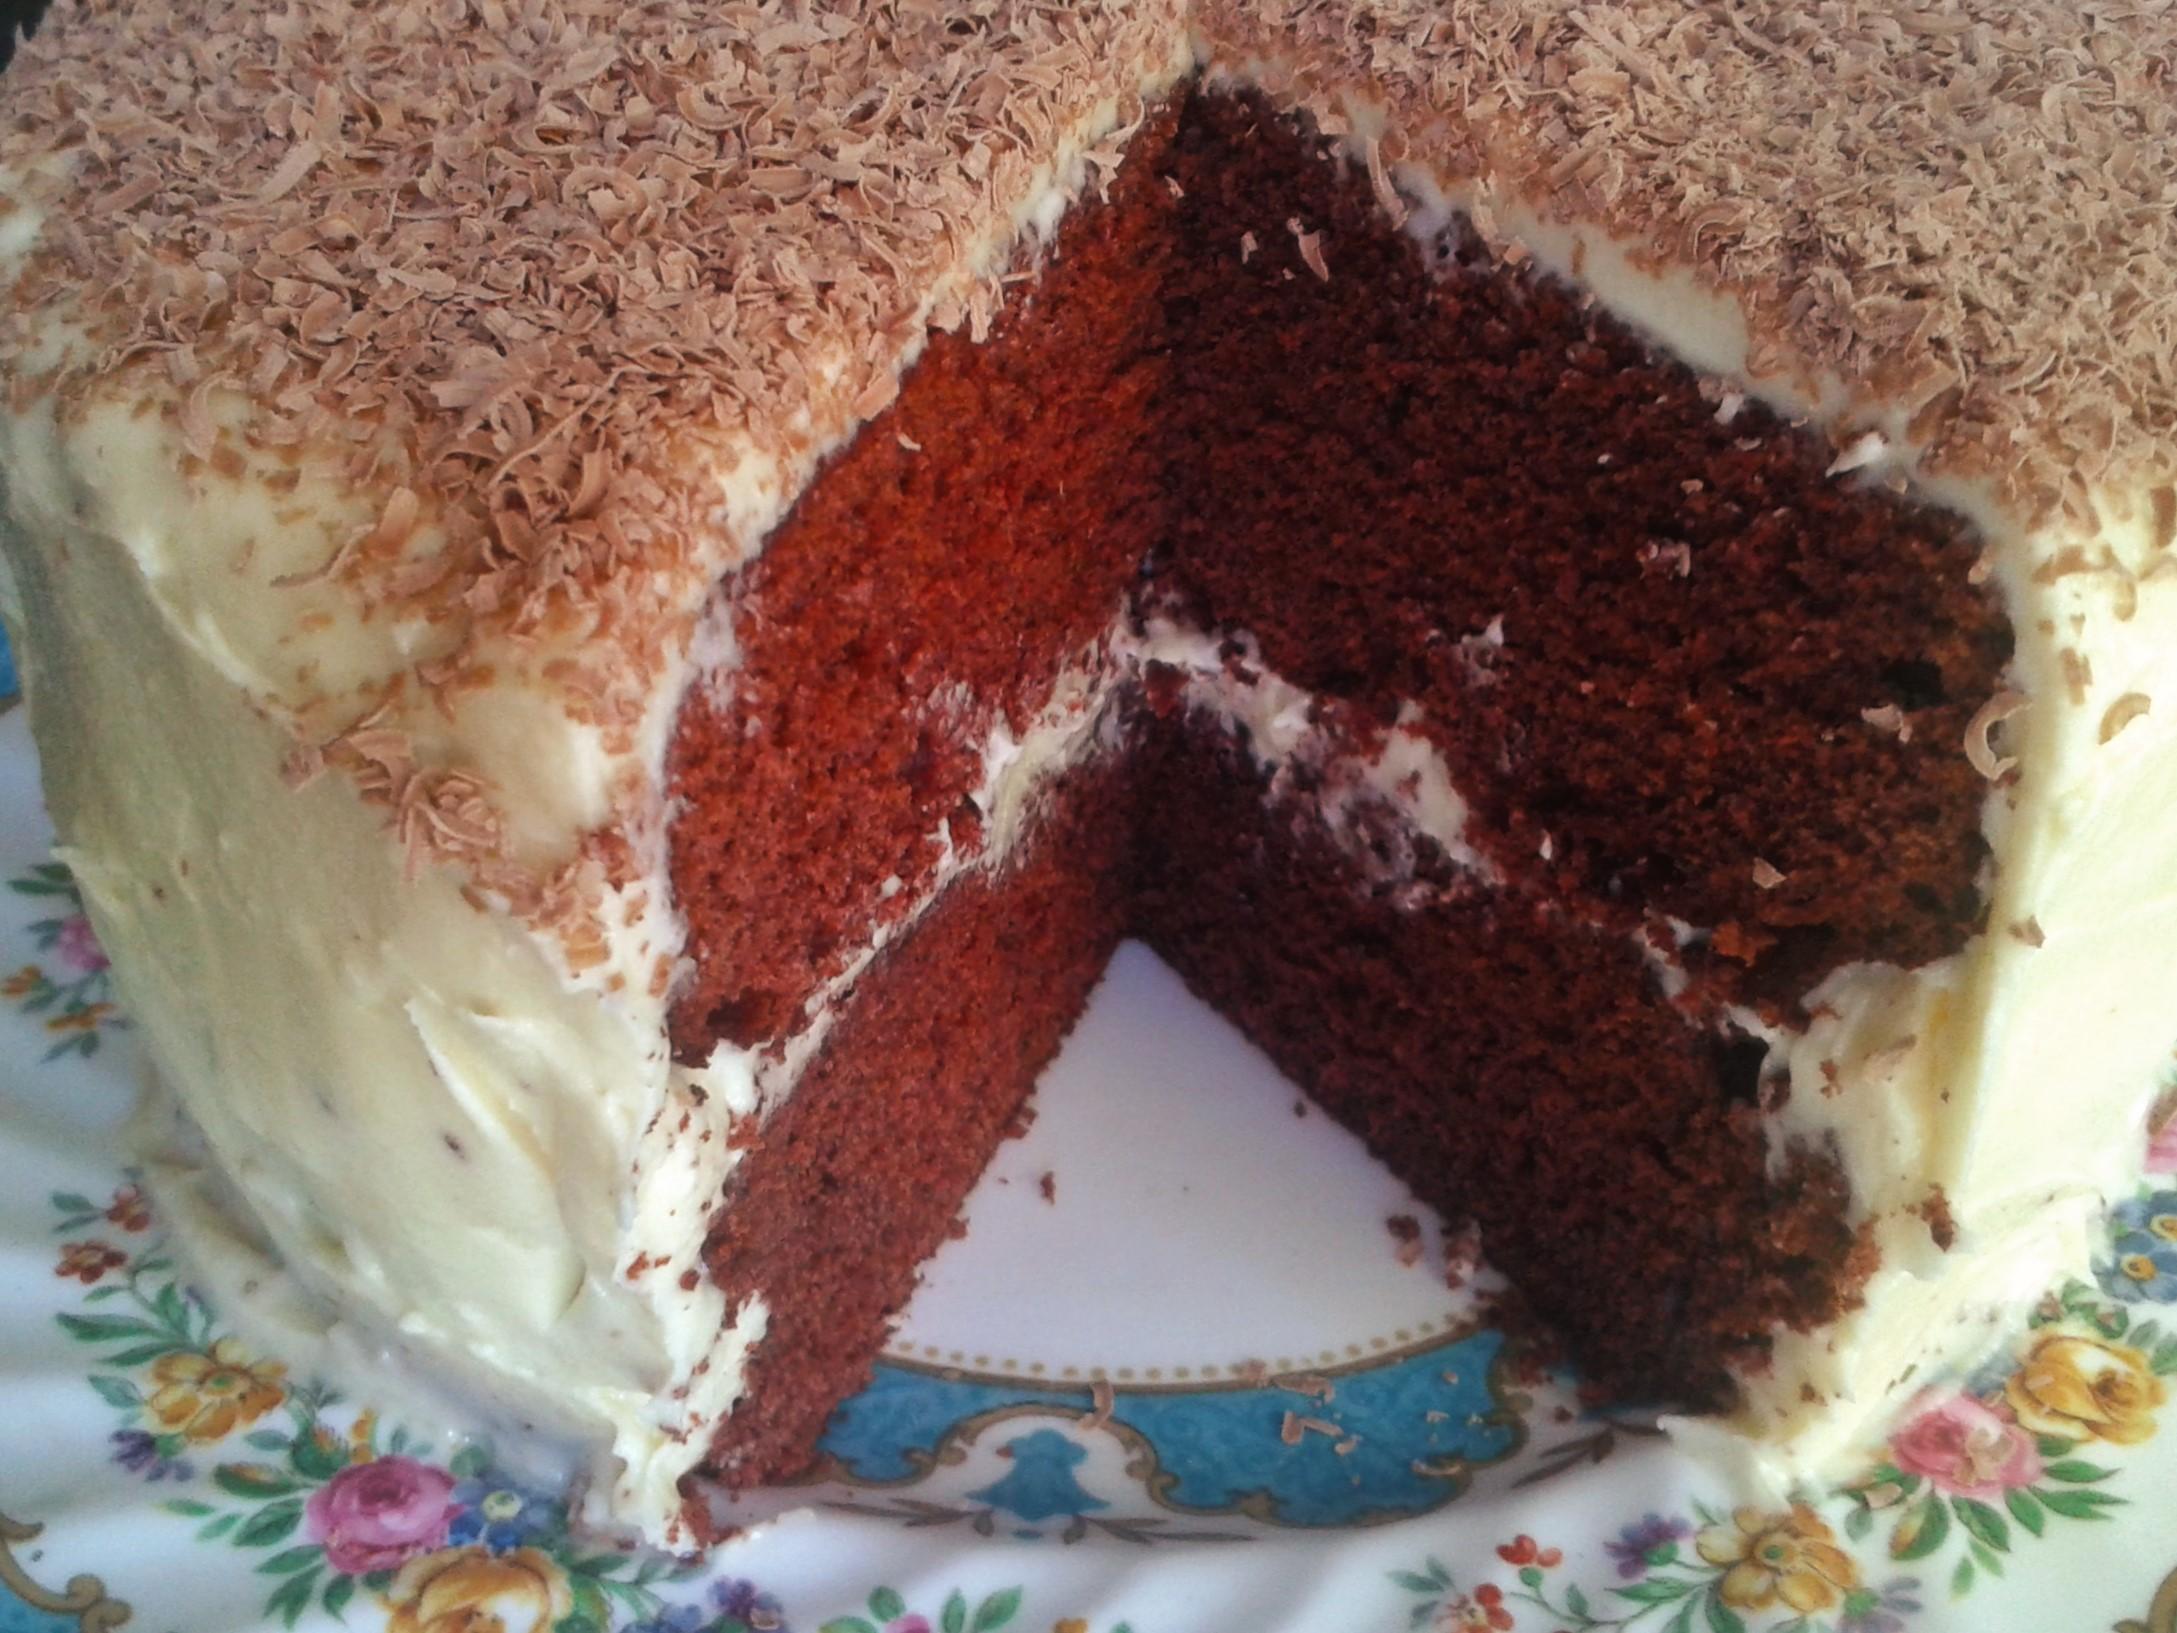 Red Velvet Cake Icing Recipes: Red Velvet Cake With White Chocolate Buttercream